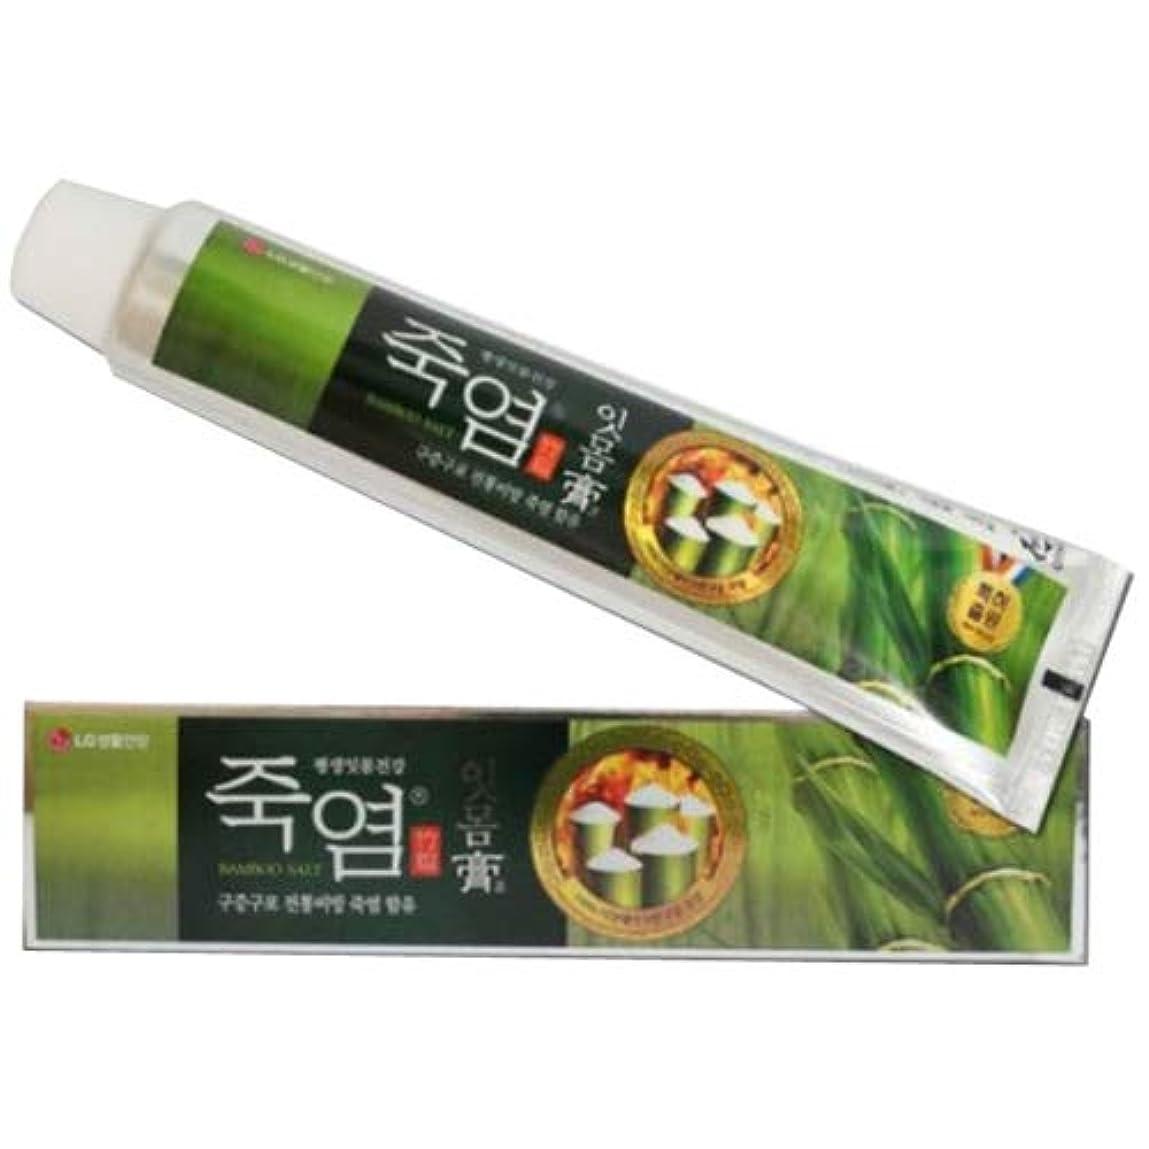 処方陸軍アリーナ[LG Care/LG生活健康]竹塩歯磨き粉つぶれて歯茎を健康に120g x1EA 歯磨きセットスペシャル?リミテッドToothpaste Set Special Limited Korea